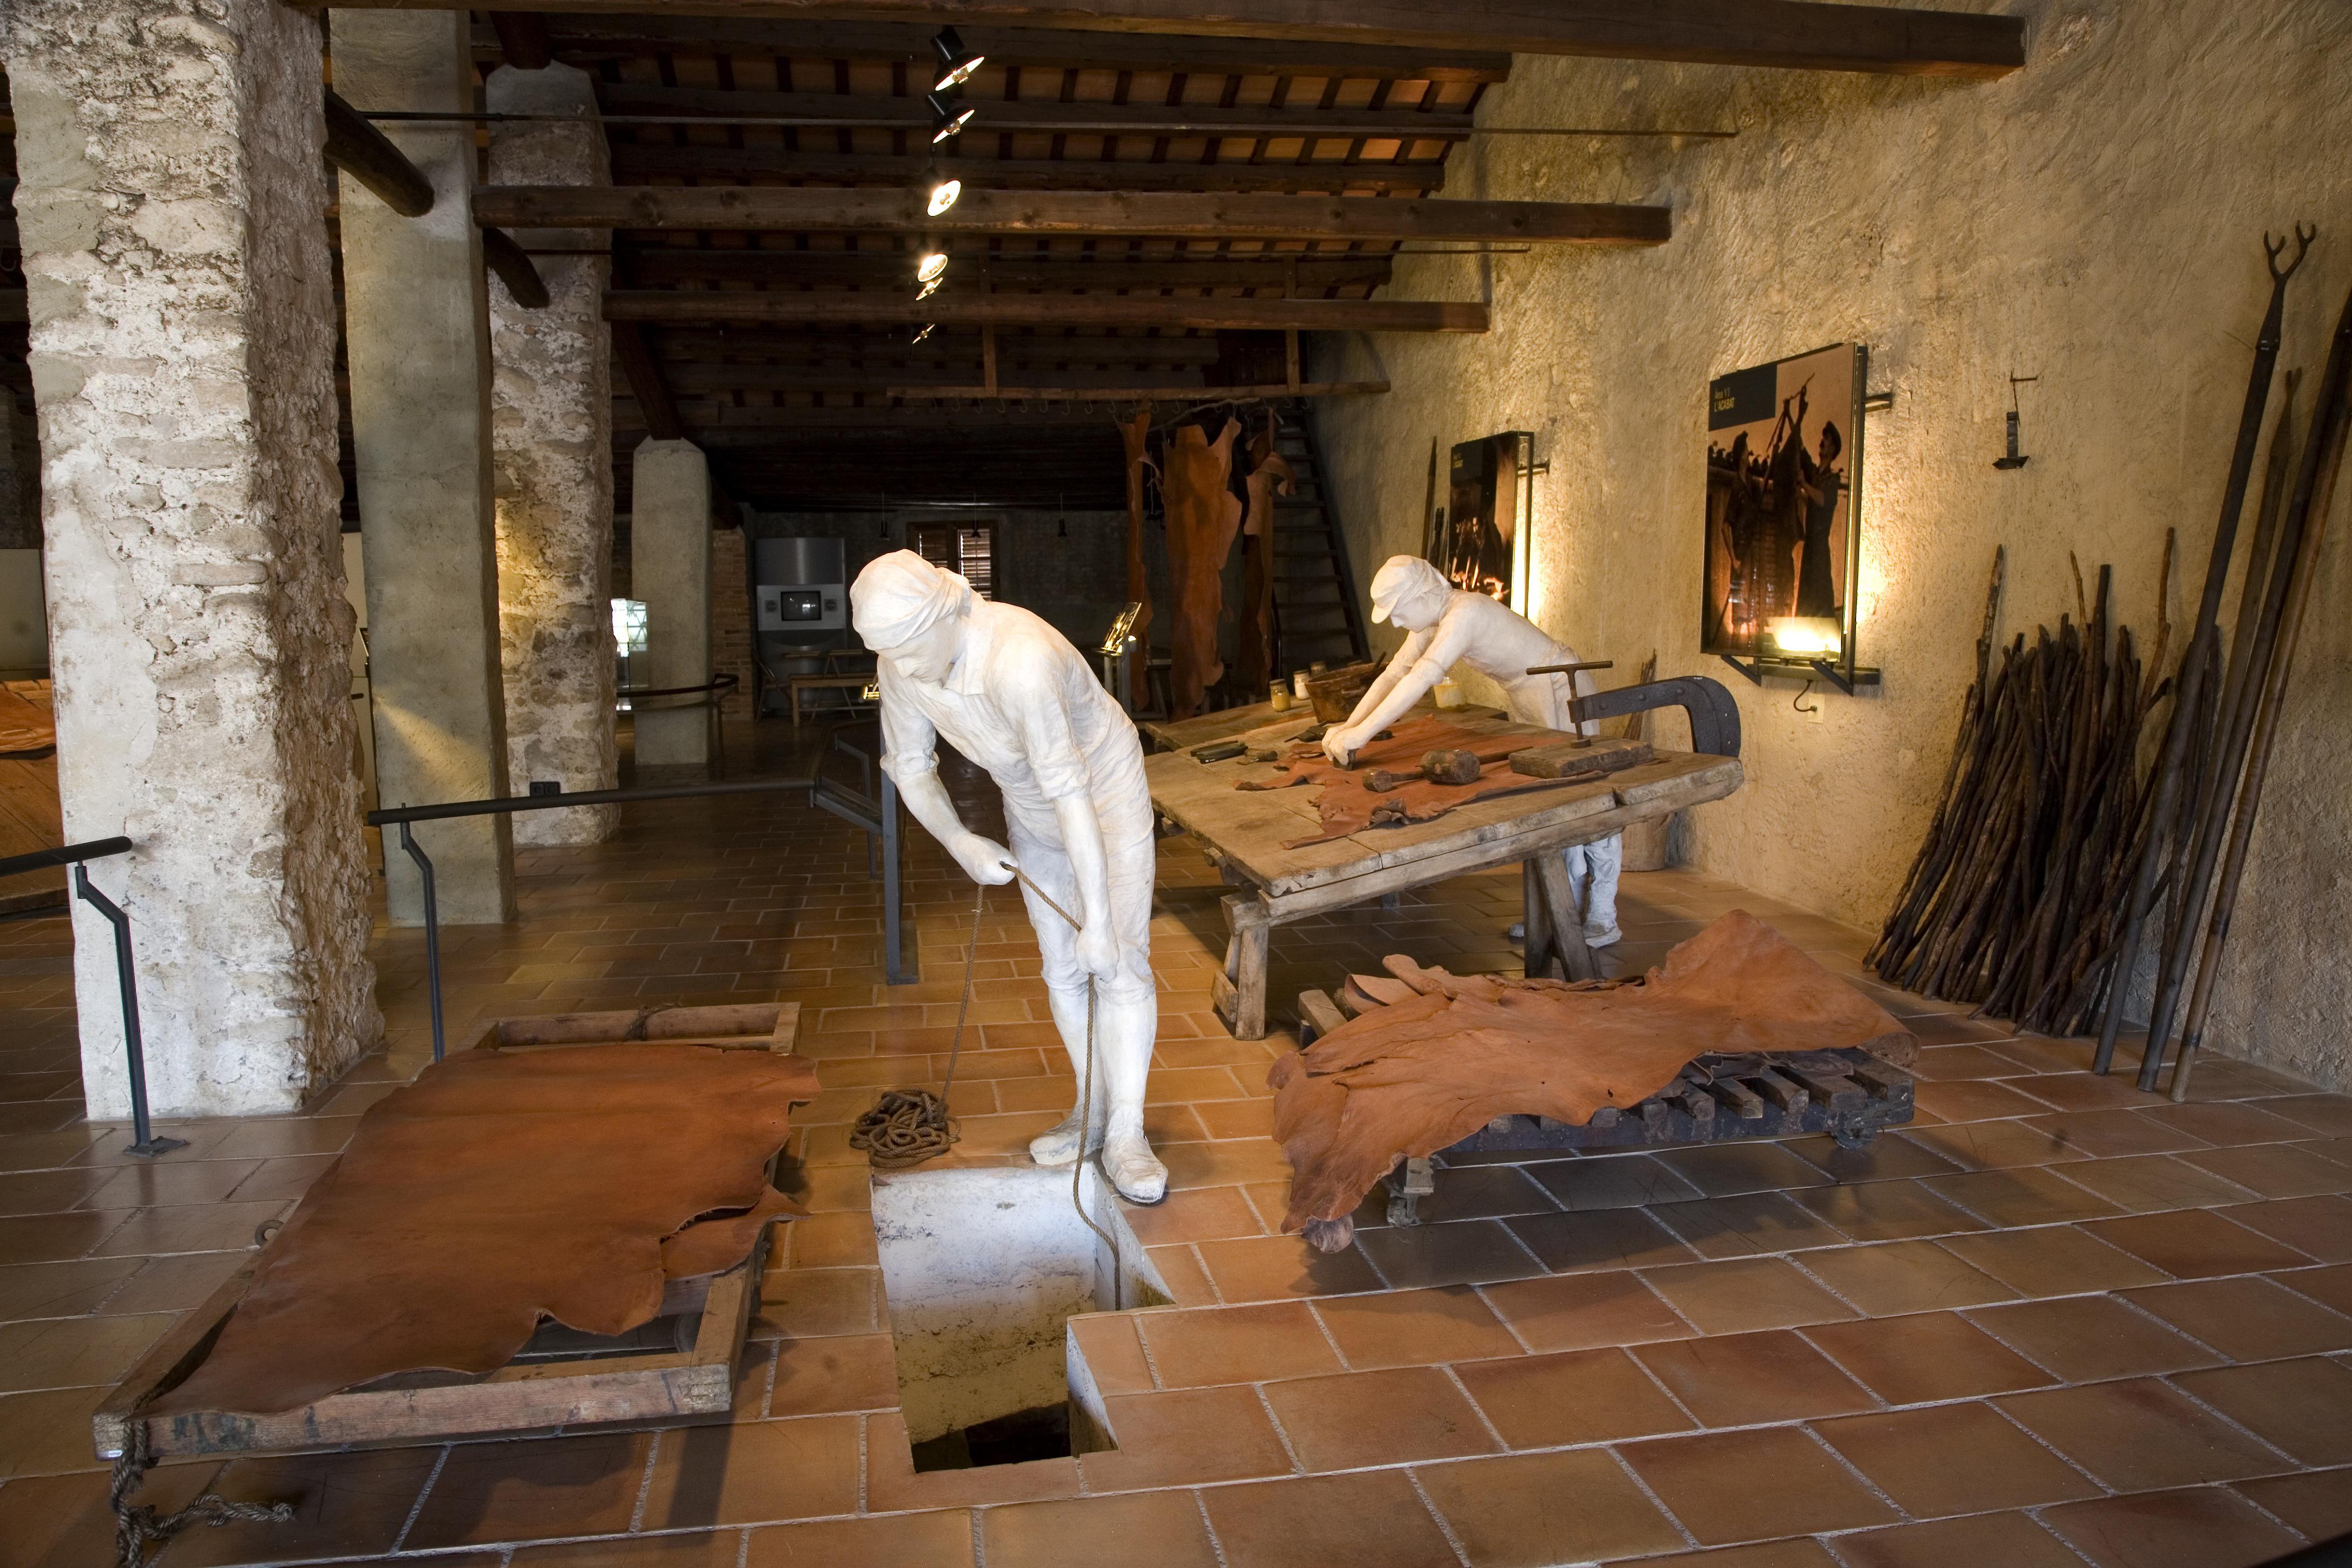 Corroyage du cuir au Musée du Cuir d'Igualada © Imagen M.A.S.